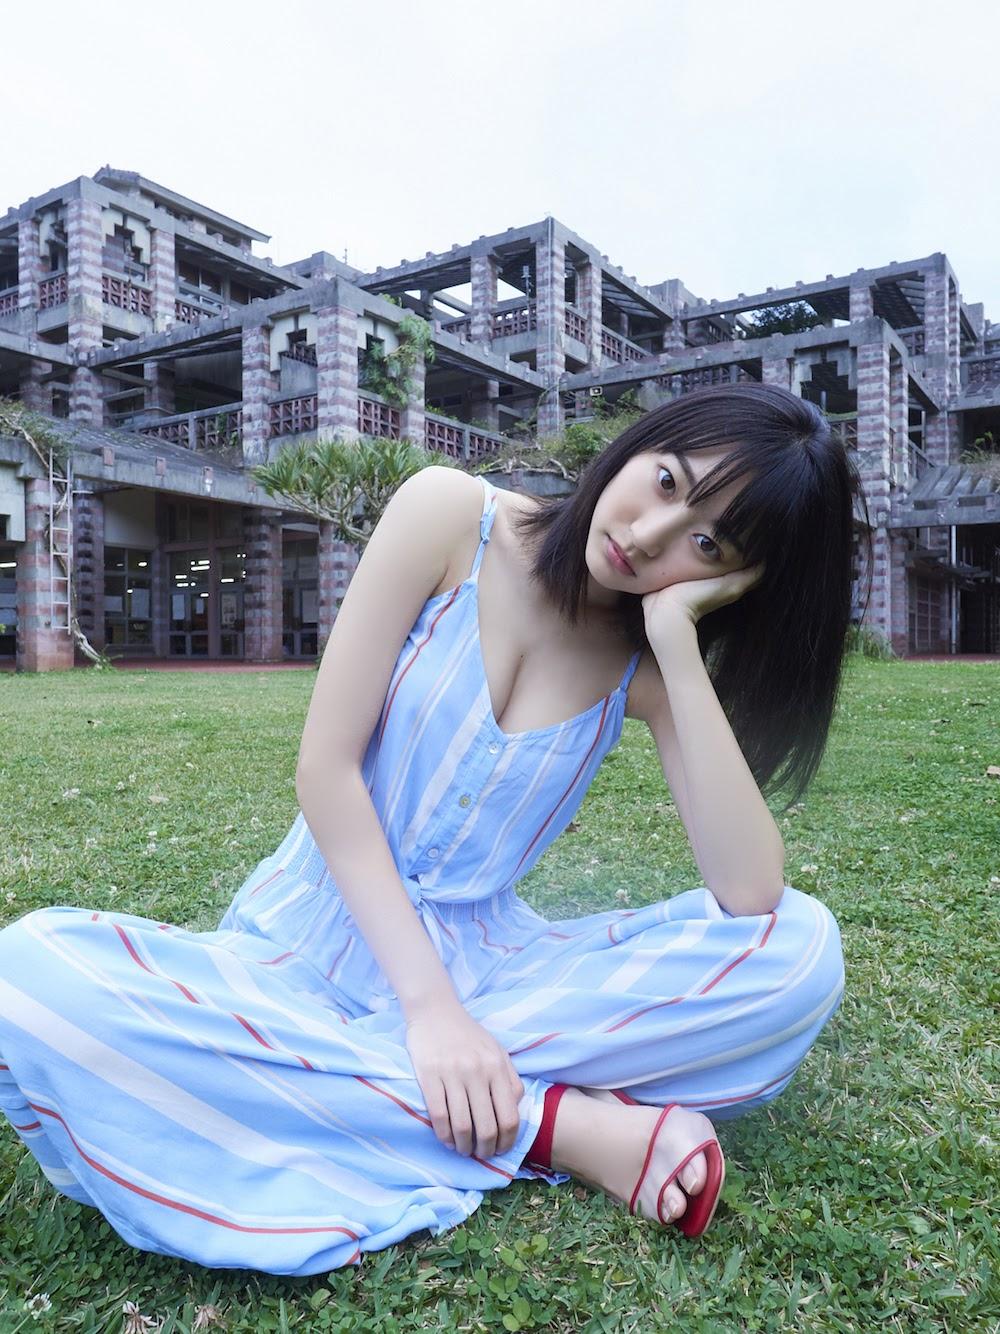 武田玲奈最新写真集图透,南国风情性感至极